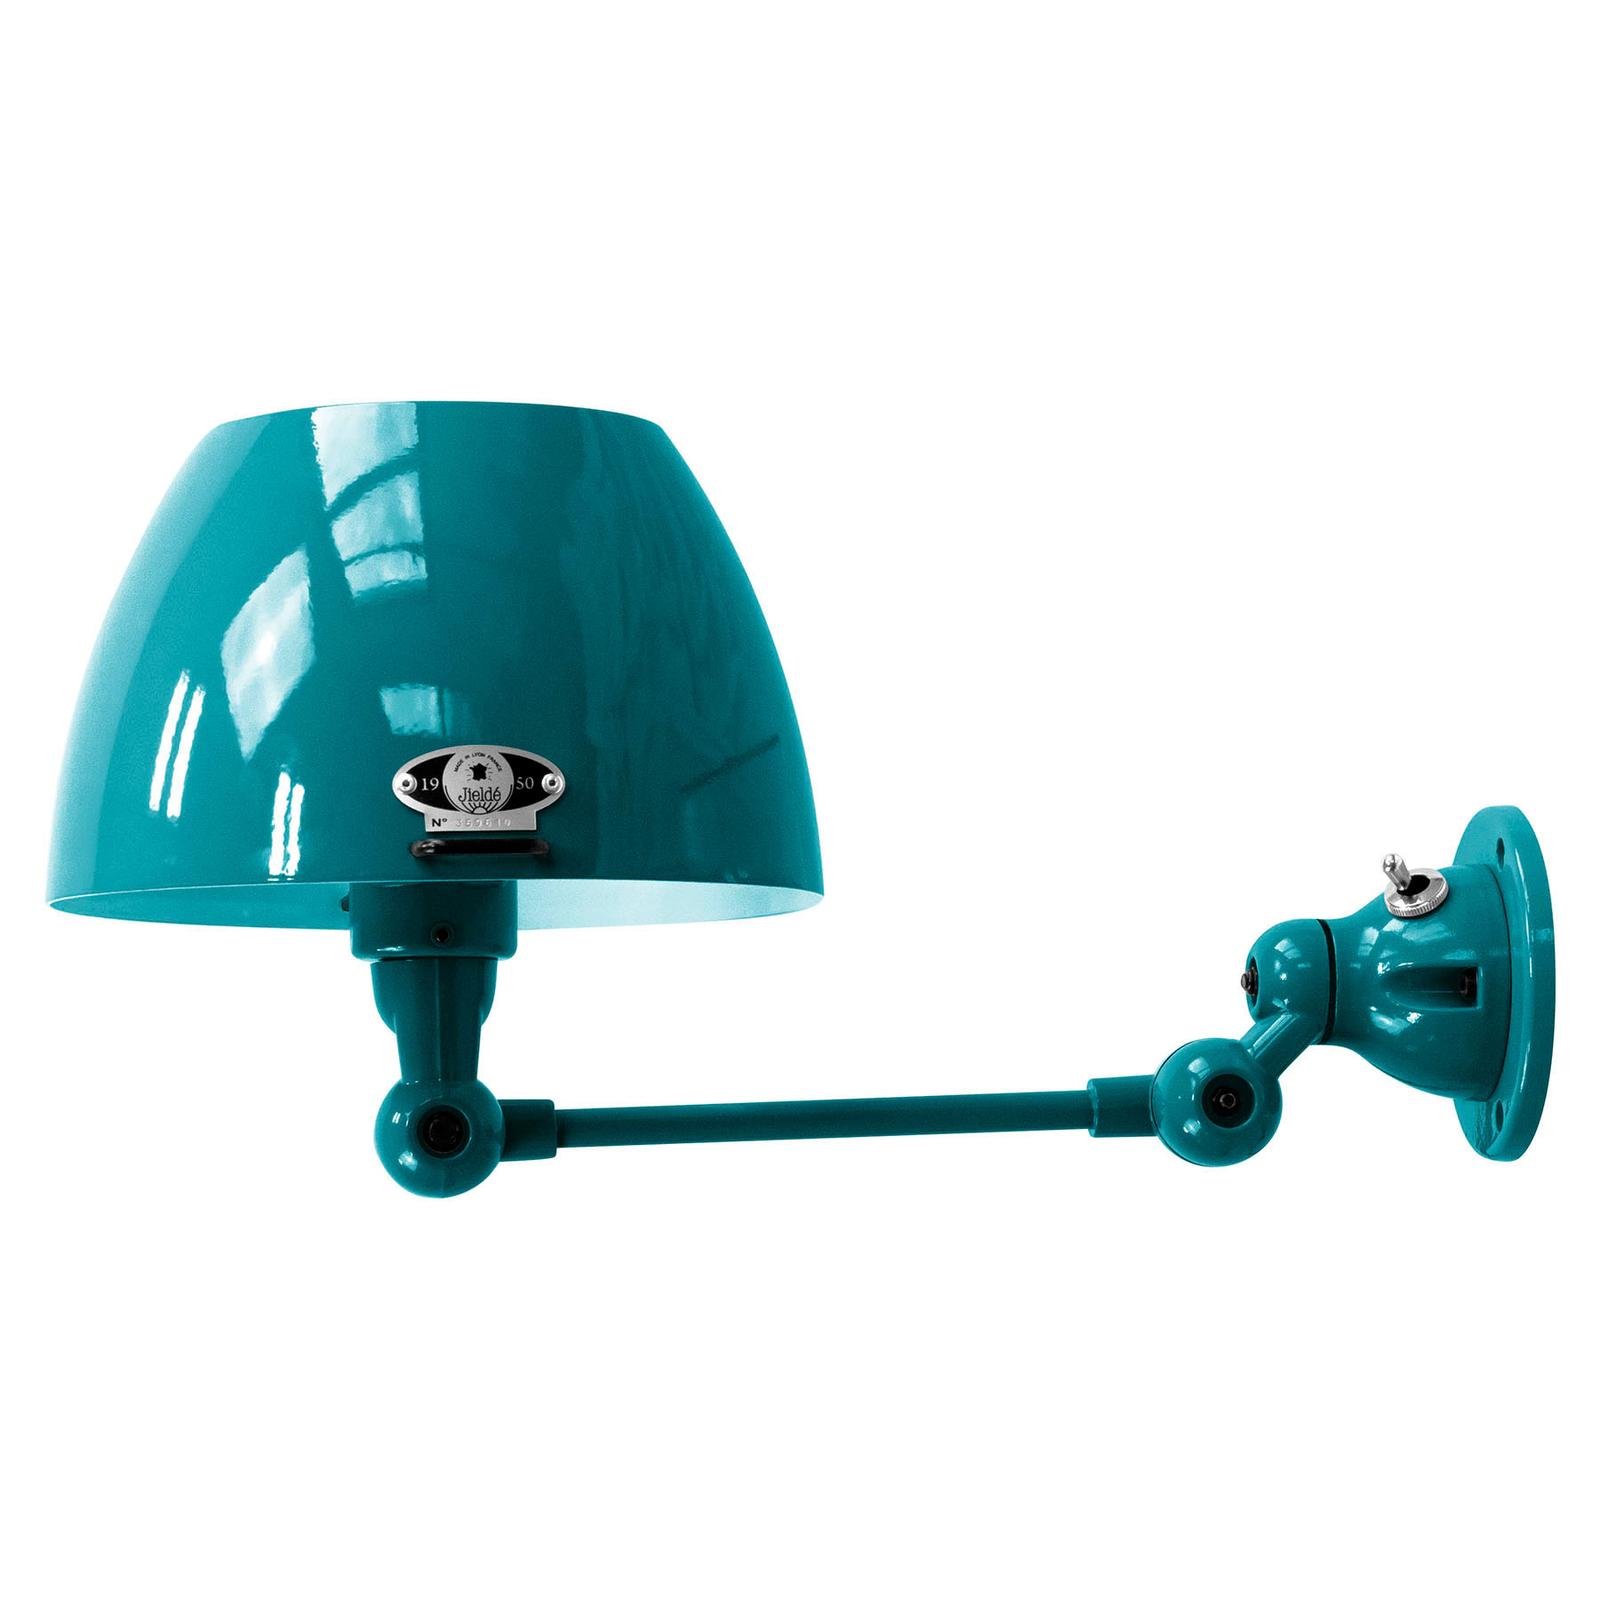 Jieldé Aicler AIC701 applique articulée bleu d'eau